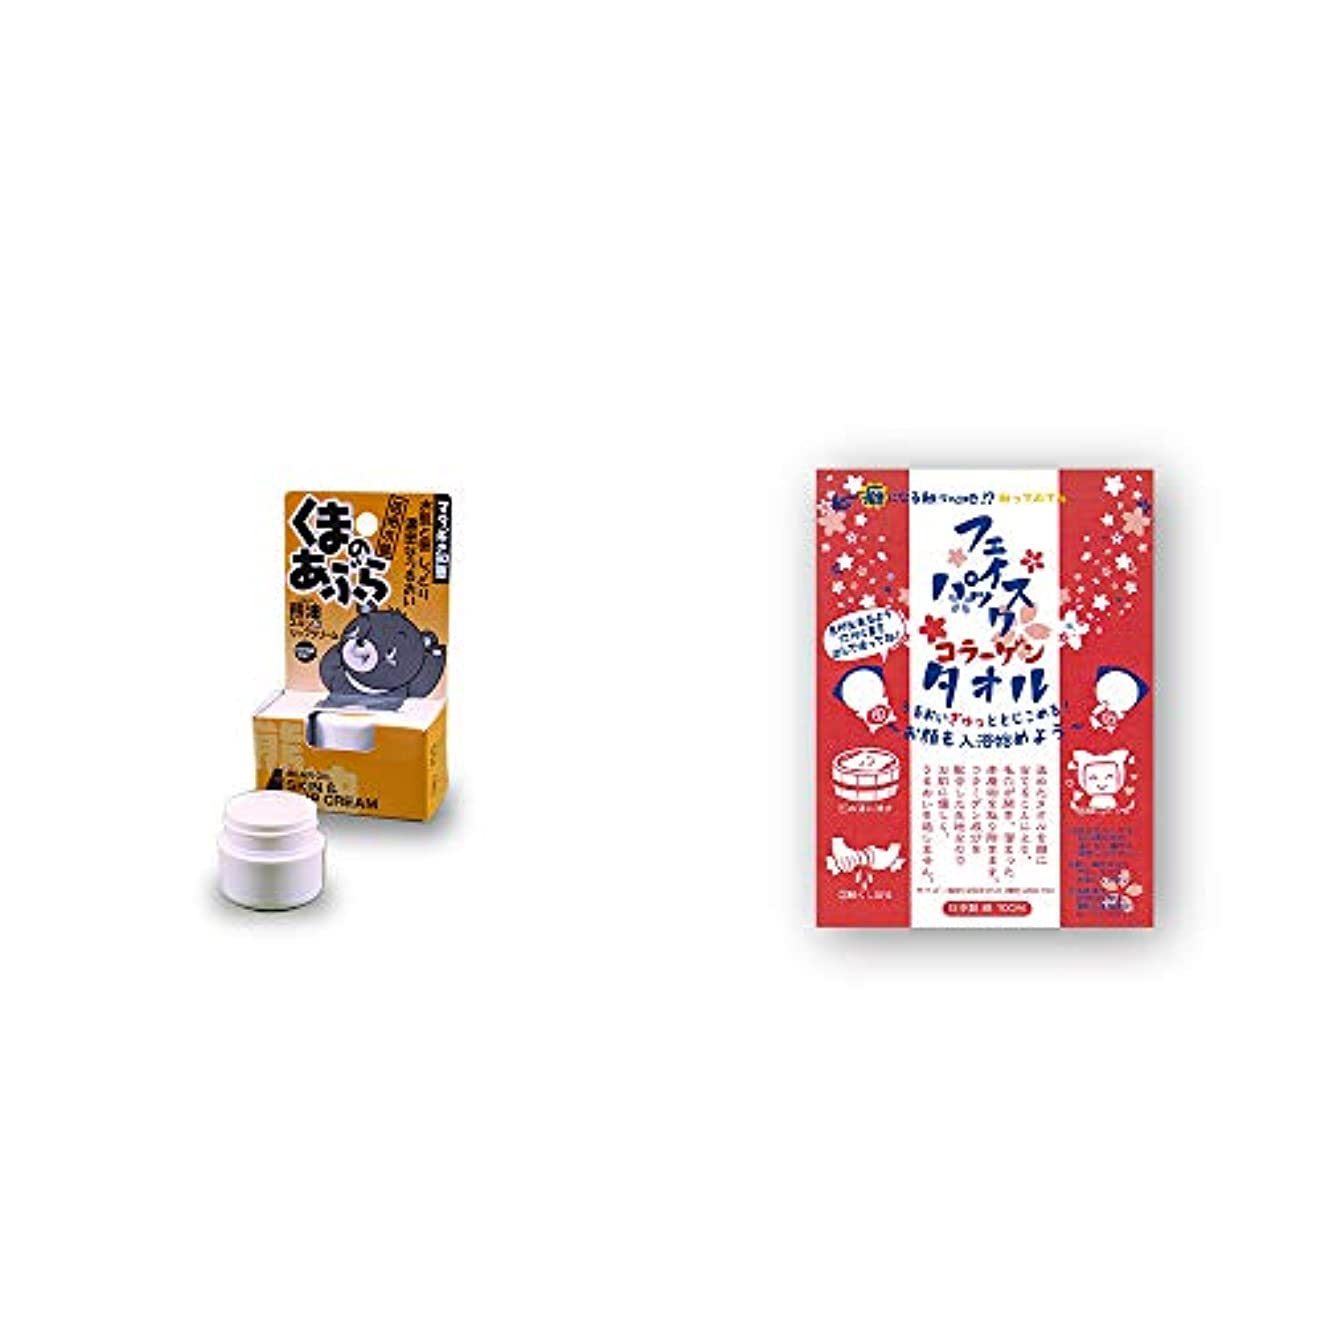 [2点セット] 信州木曽 くまのあぶら 熊油スキン&リップクリーム(9g)?(飛騨限定)繰り返し使える!さるぼぼフェイスパック コラーゲンタオル[綿100%](1枚入)